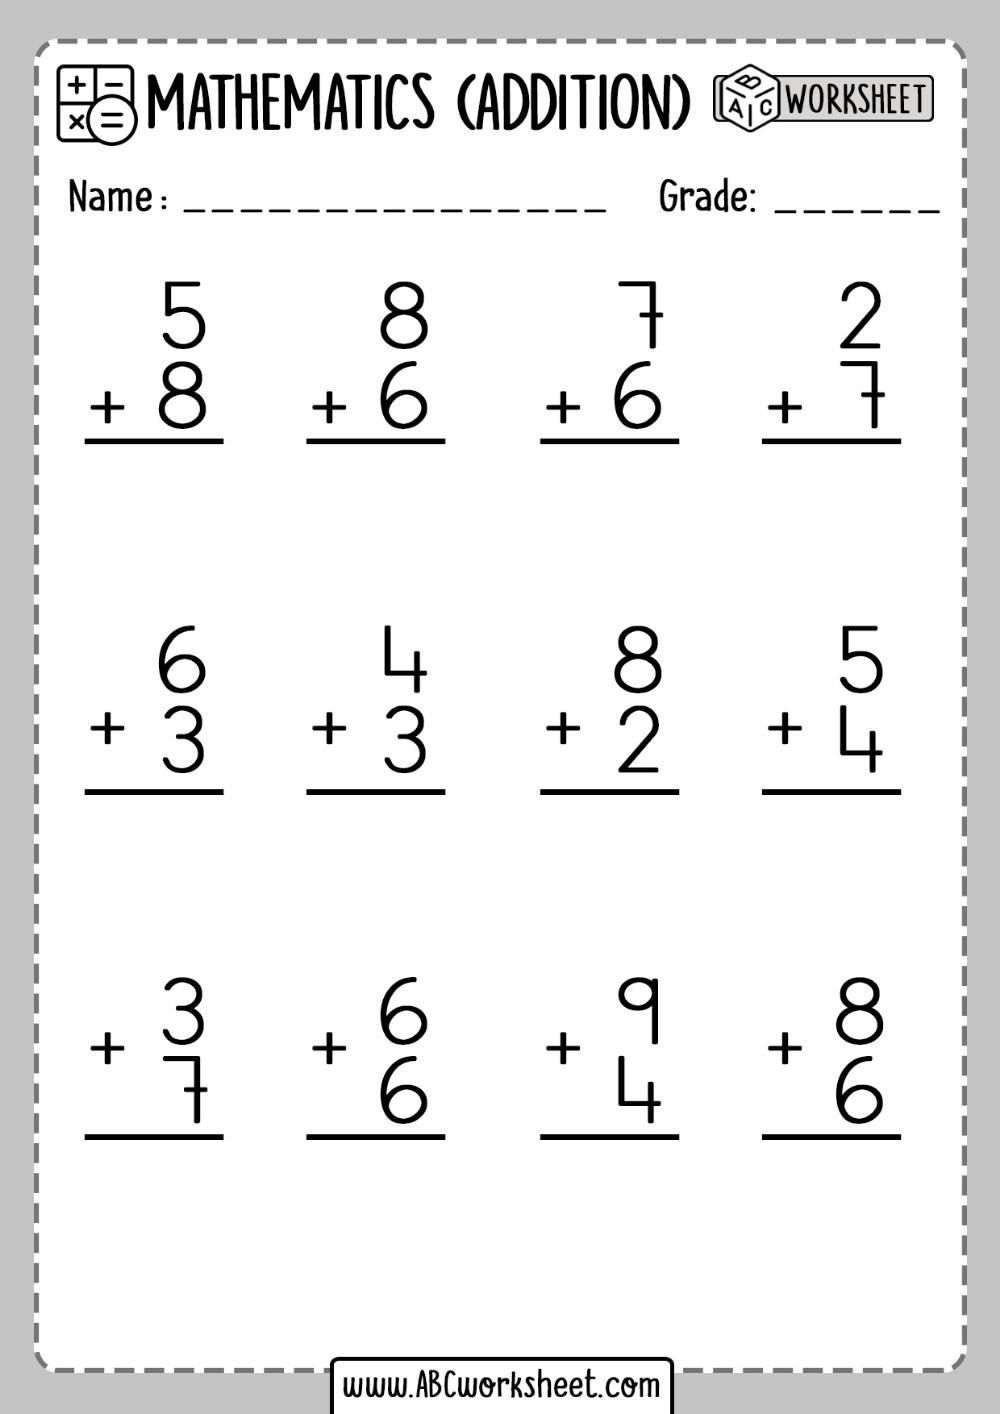 Addition Worksheet First Grade   Addition worksheets [ 1414 x 1000 Pixel ]